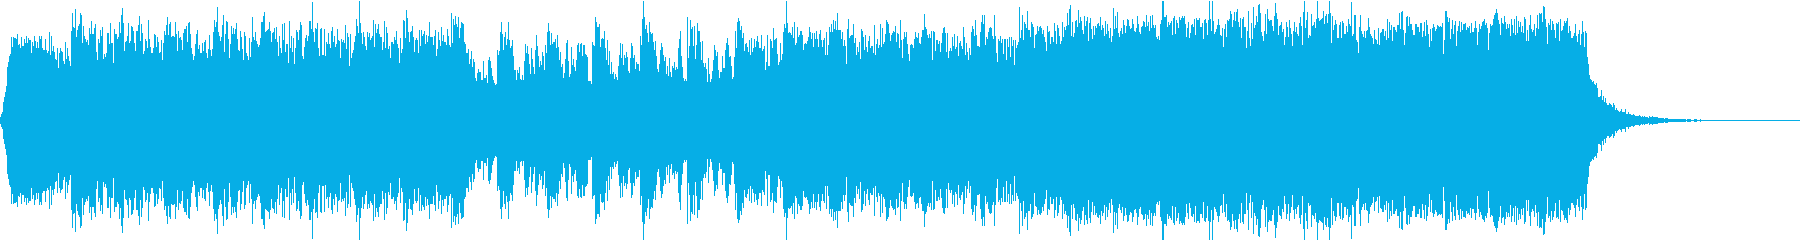 エピックヴォーカライズとクワイヤの再生済みの波形